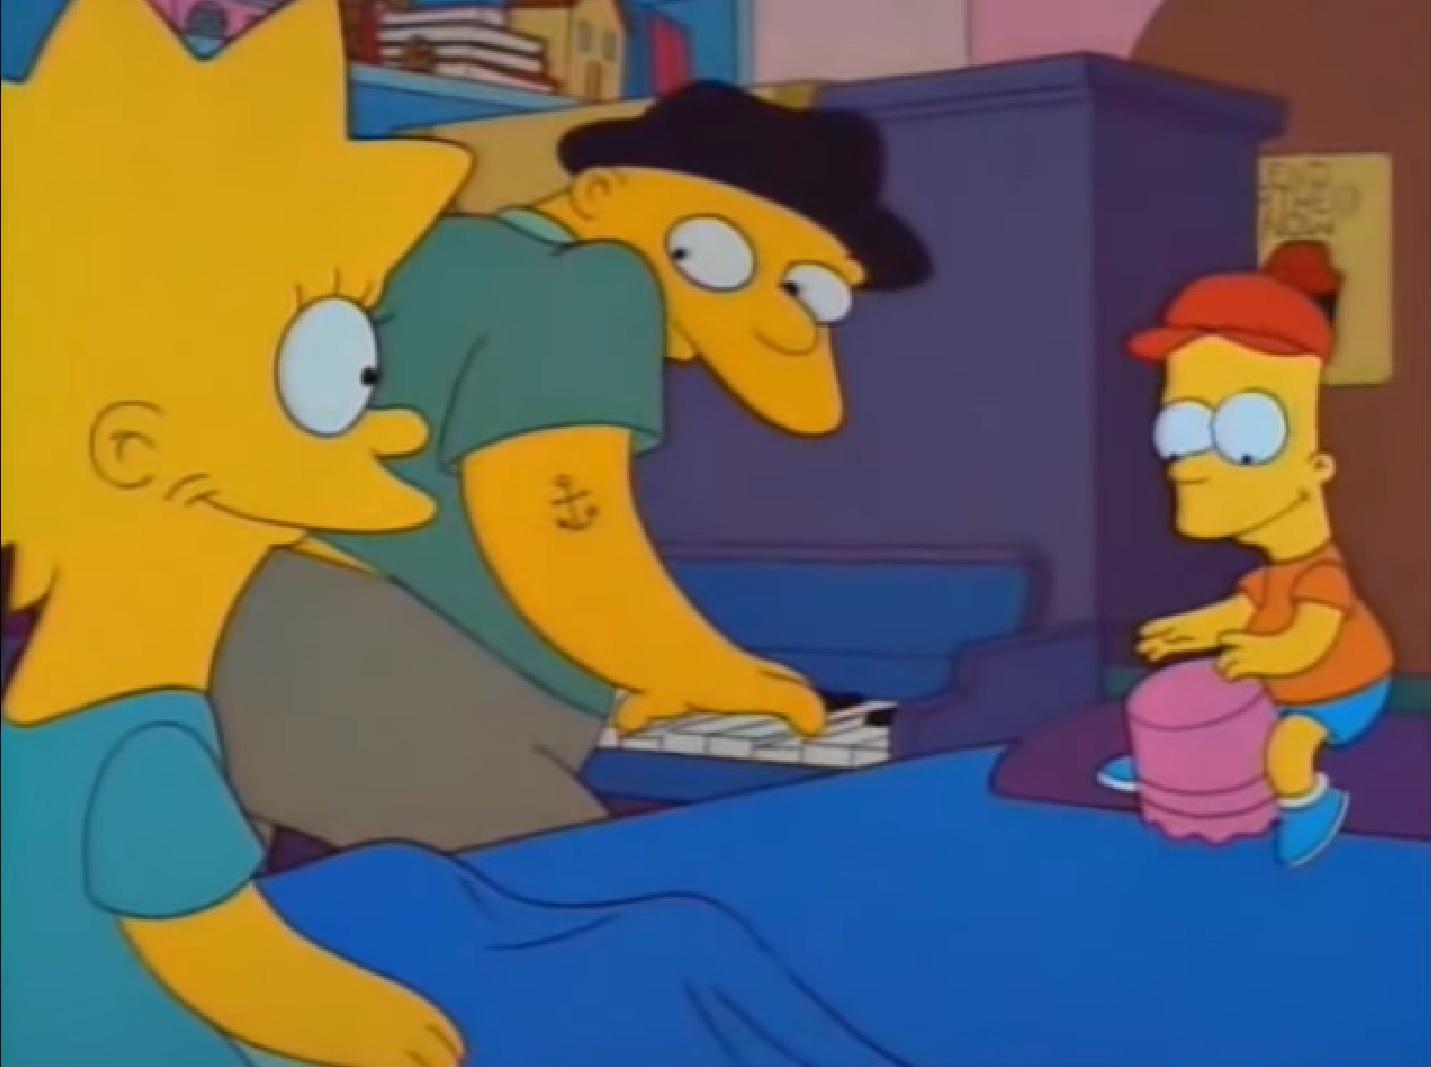 """Michael Jackson prestó su voz para el episodio """"Papá está loco"""", de la serie animada Los Simpson. (Foto Prensa Libre: YouTube)"""